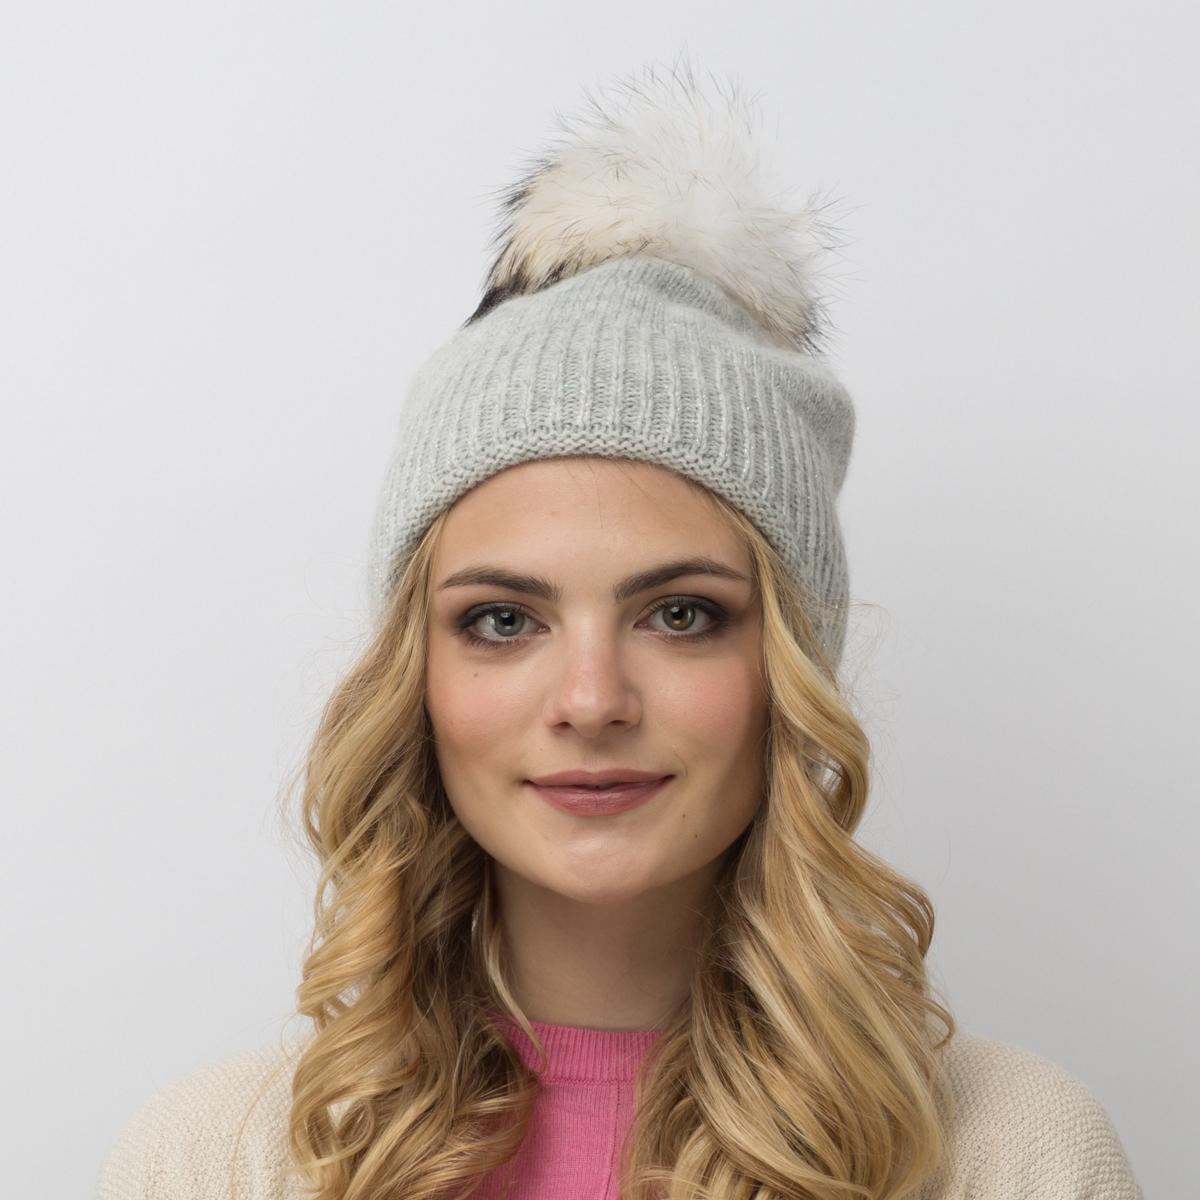 Шапка женская Flioraj, цвет: светло-серый. 714/8-М FJ. Размер 54/58714/8-М FJУдлиненная шерстяная шапка-колпачок от Flioraj - новинка женской коллекции. Такое нововведение отвечает последнему веянию - сделать женскую коллекцию более универсальной. Такую шапочку можно носить с любым видом верхней одежды, достаточно только определиться с цветом. Модель дополнена люрексом и меховым помпоном.